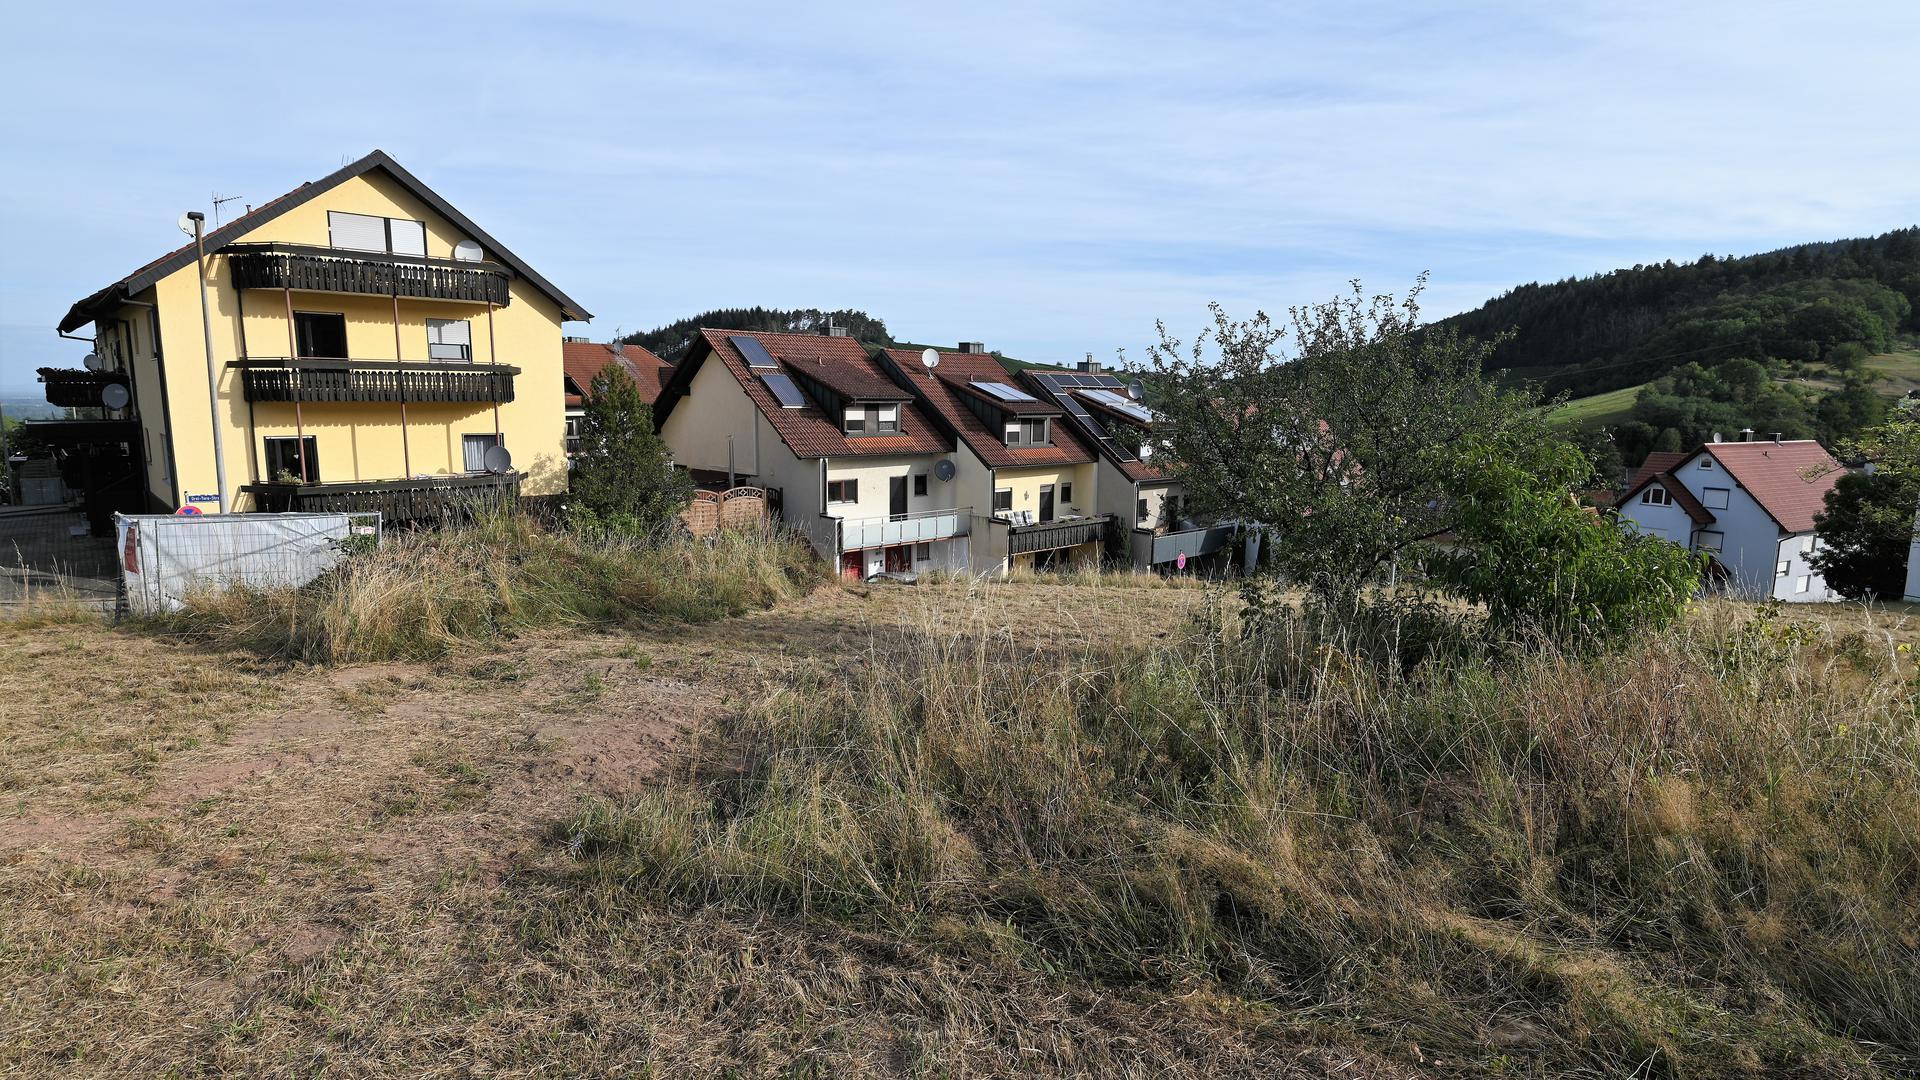 """Lange umstritten: Die Bauarbeiten für die Wohnanlage """"Hans im Glück"""" in Neusatz starten jetzt. Nach Umplanungen hat der Ortschaftsrat zugestimmt."""